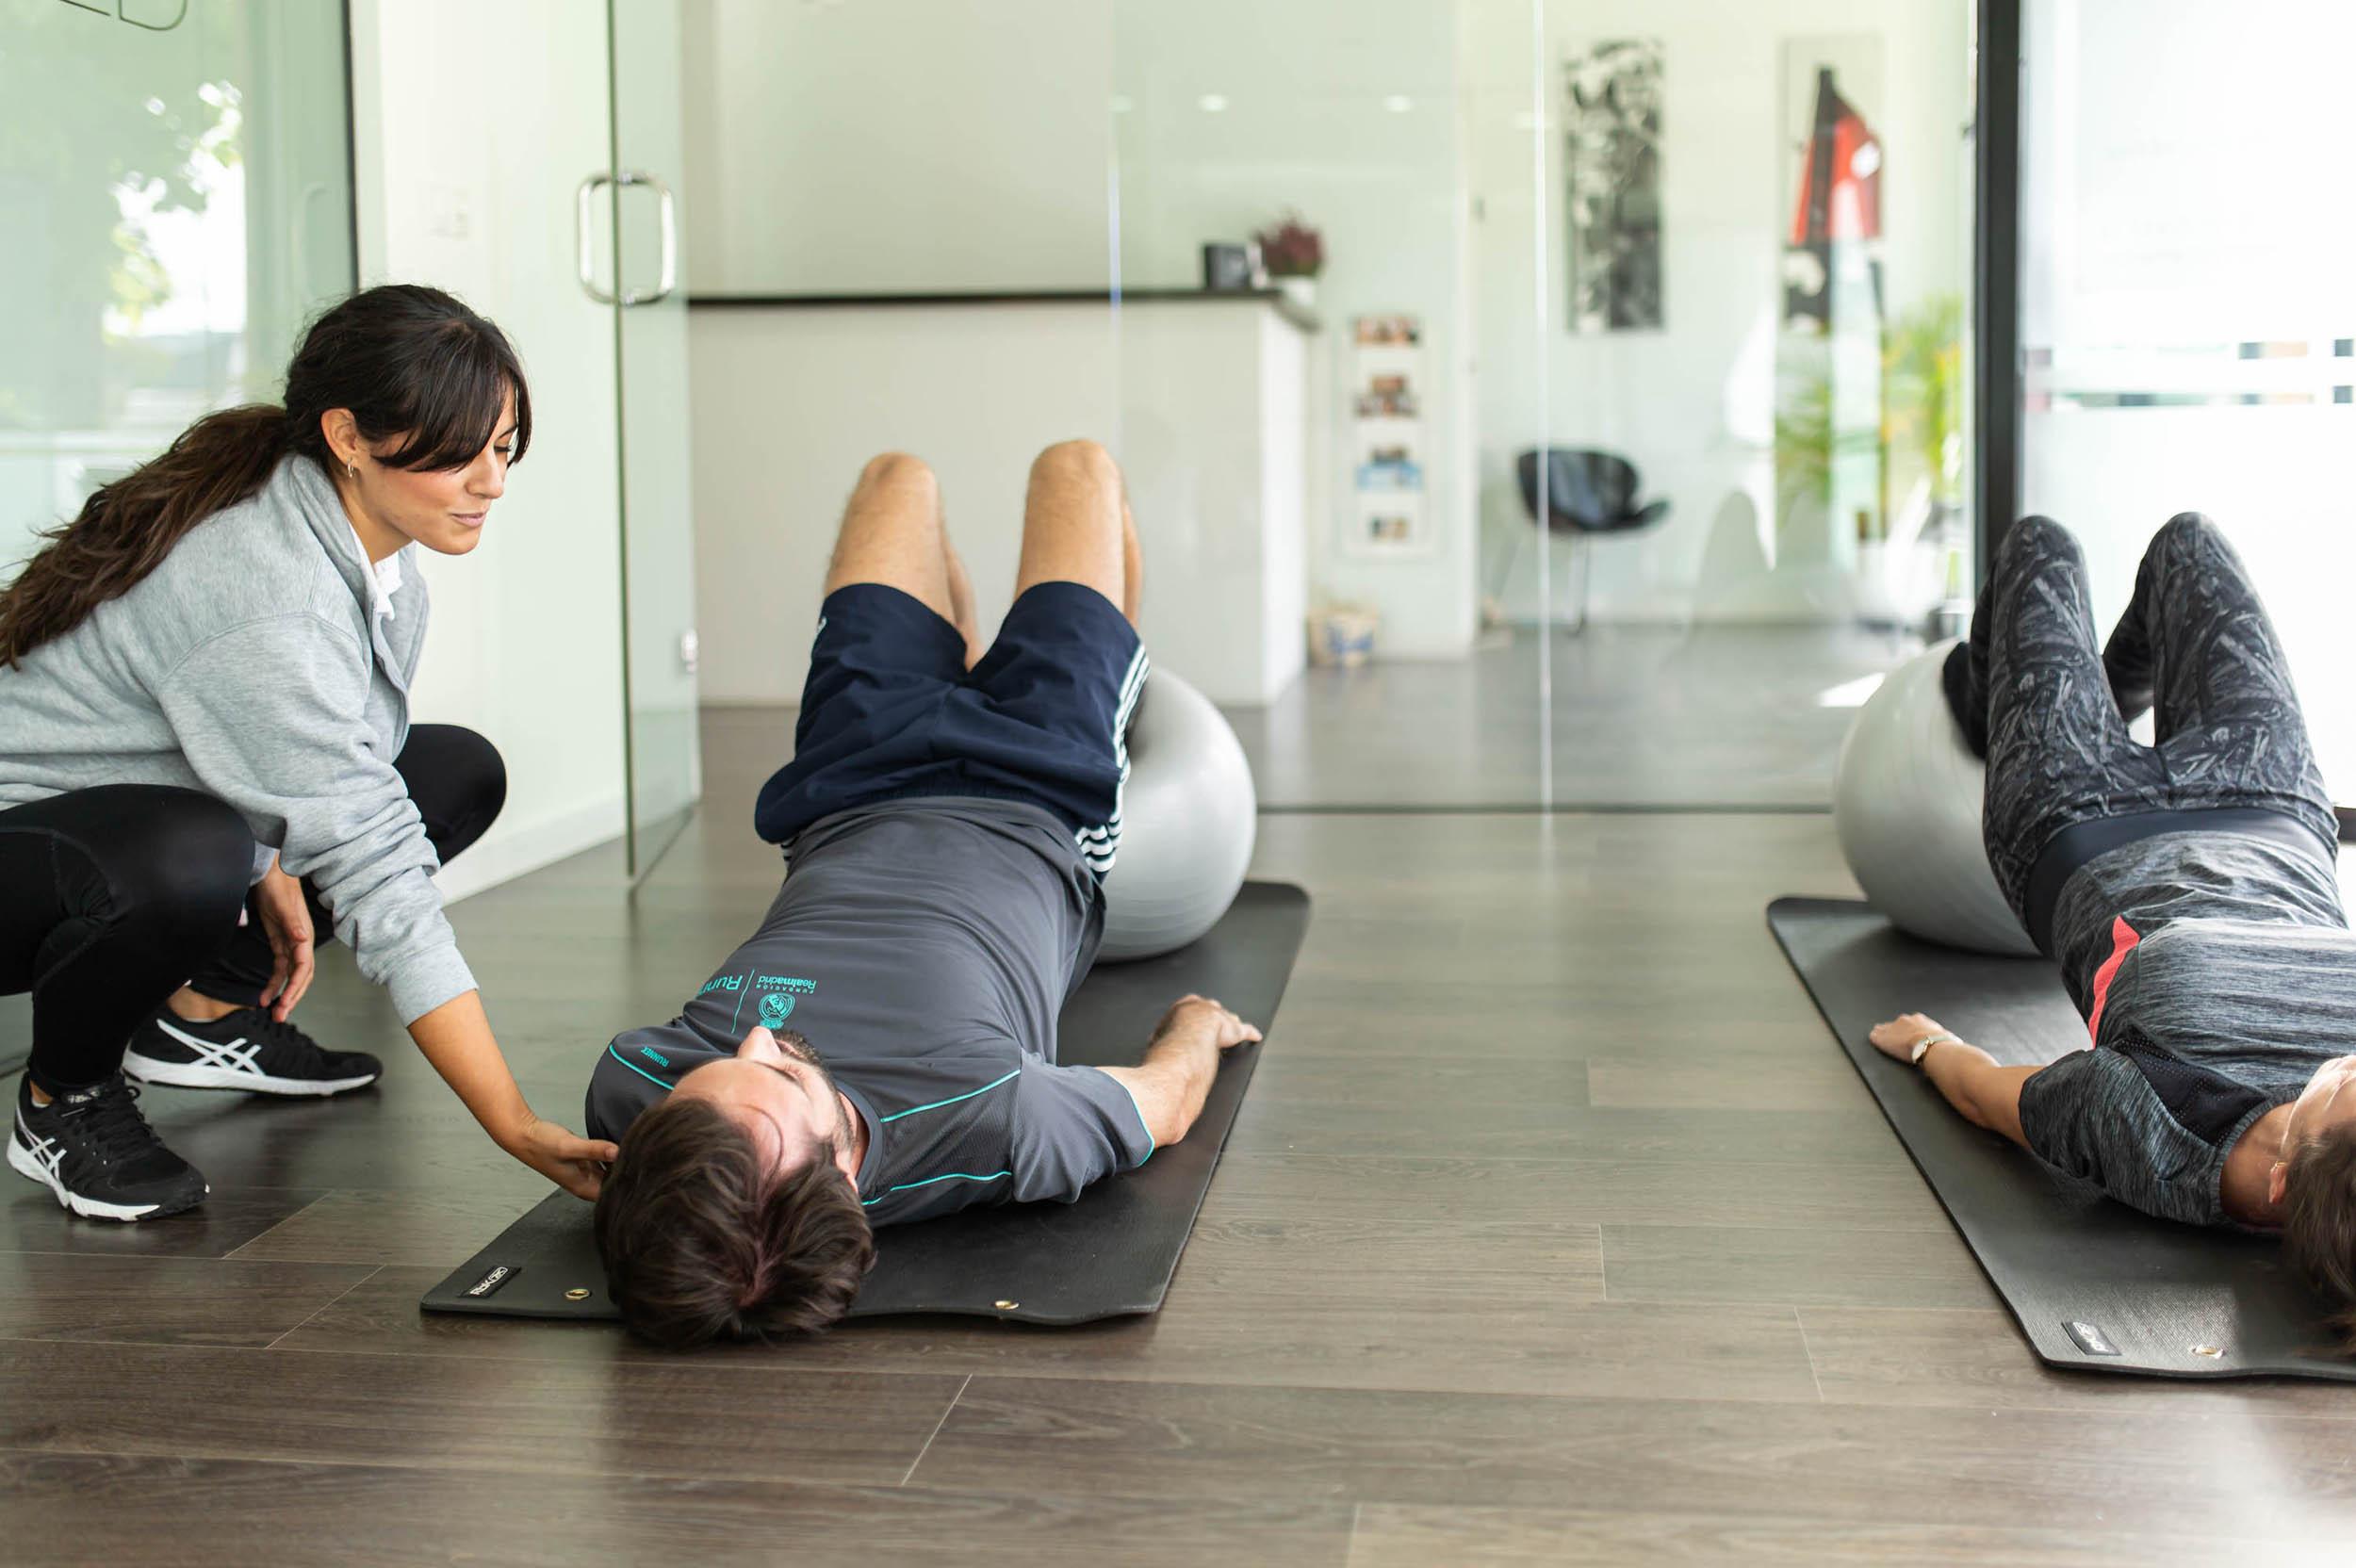 Ejercicio terapéutico de espalda